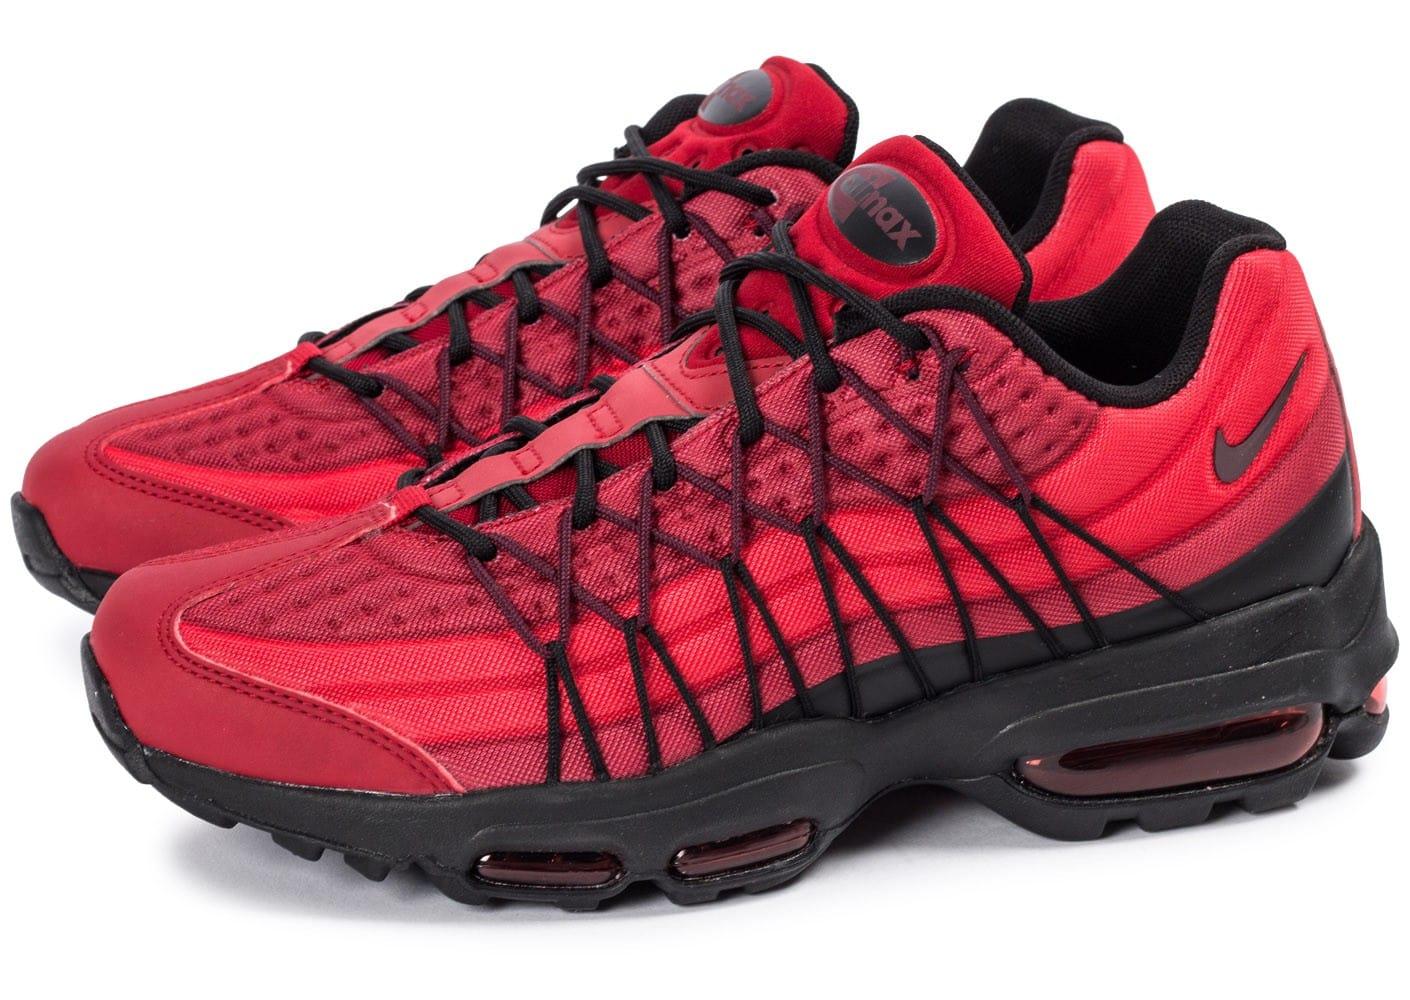 super cute d6171 87bc2 Prix de gros air max 95 ultra rouge et noir France vente en ligne, toutes  les gammes de chaussures Nike pour hommes et femmes outlet pas cher.